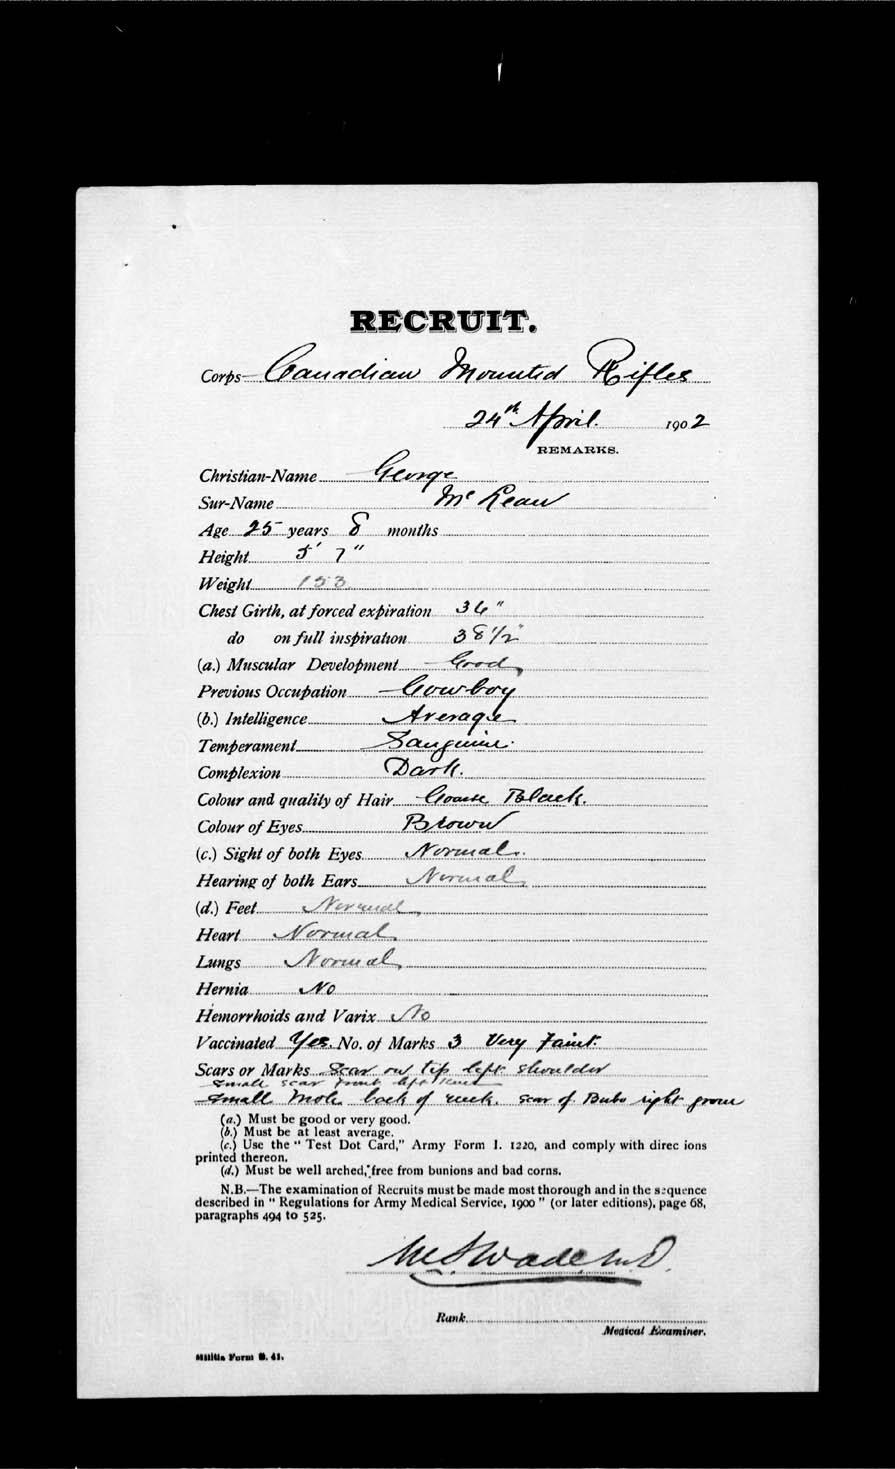 Page numérisé de Boer War pour l'image numéro: e002191158